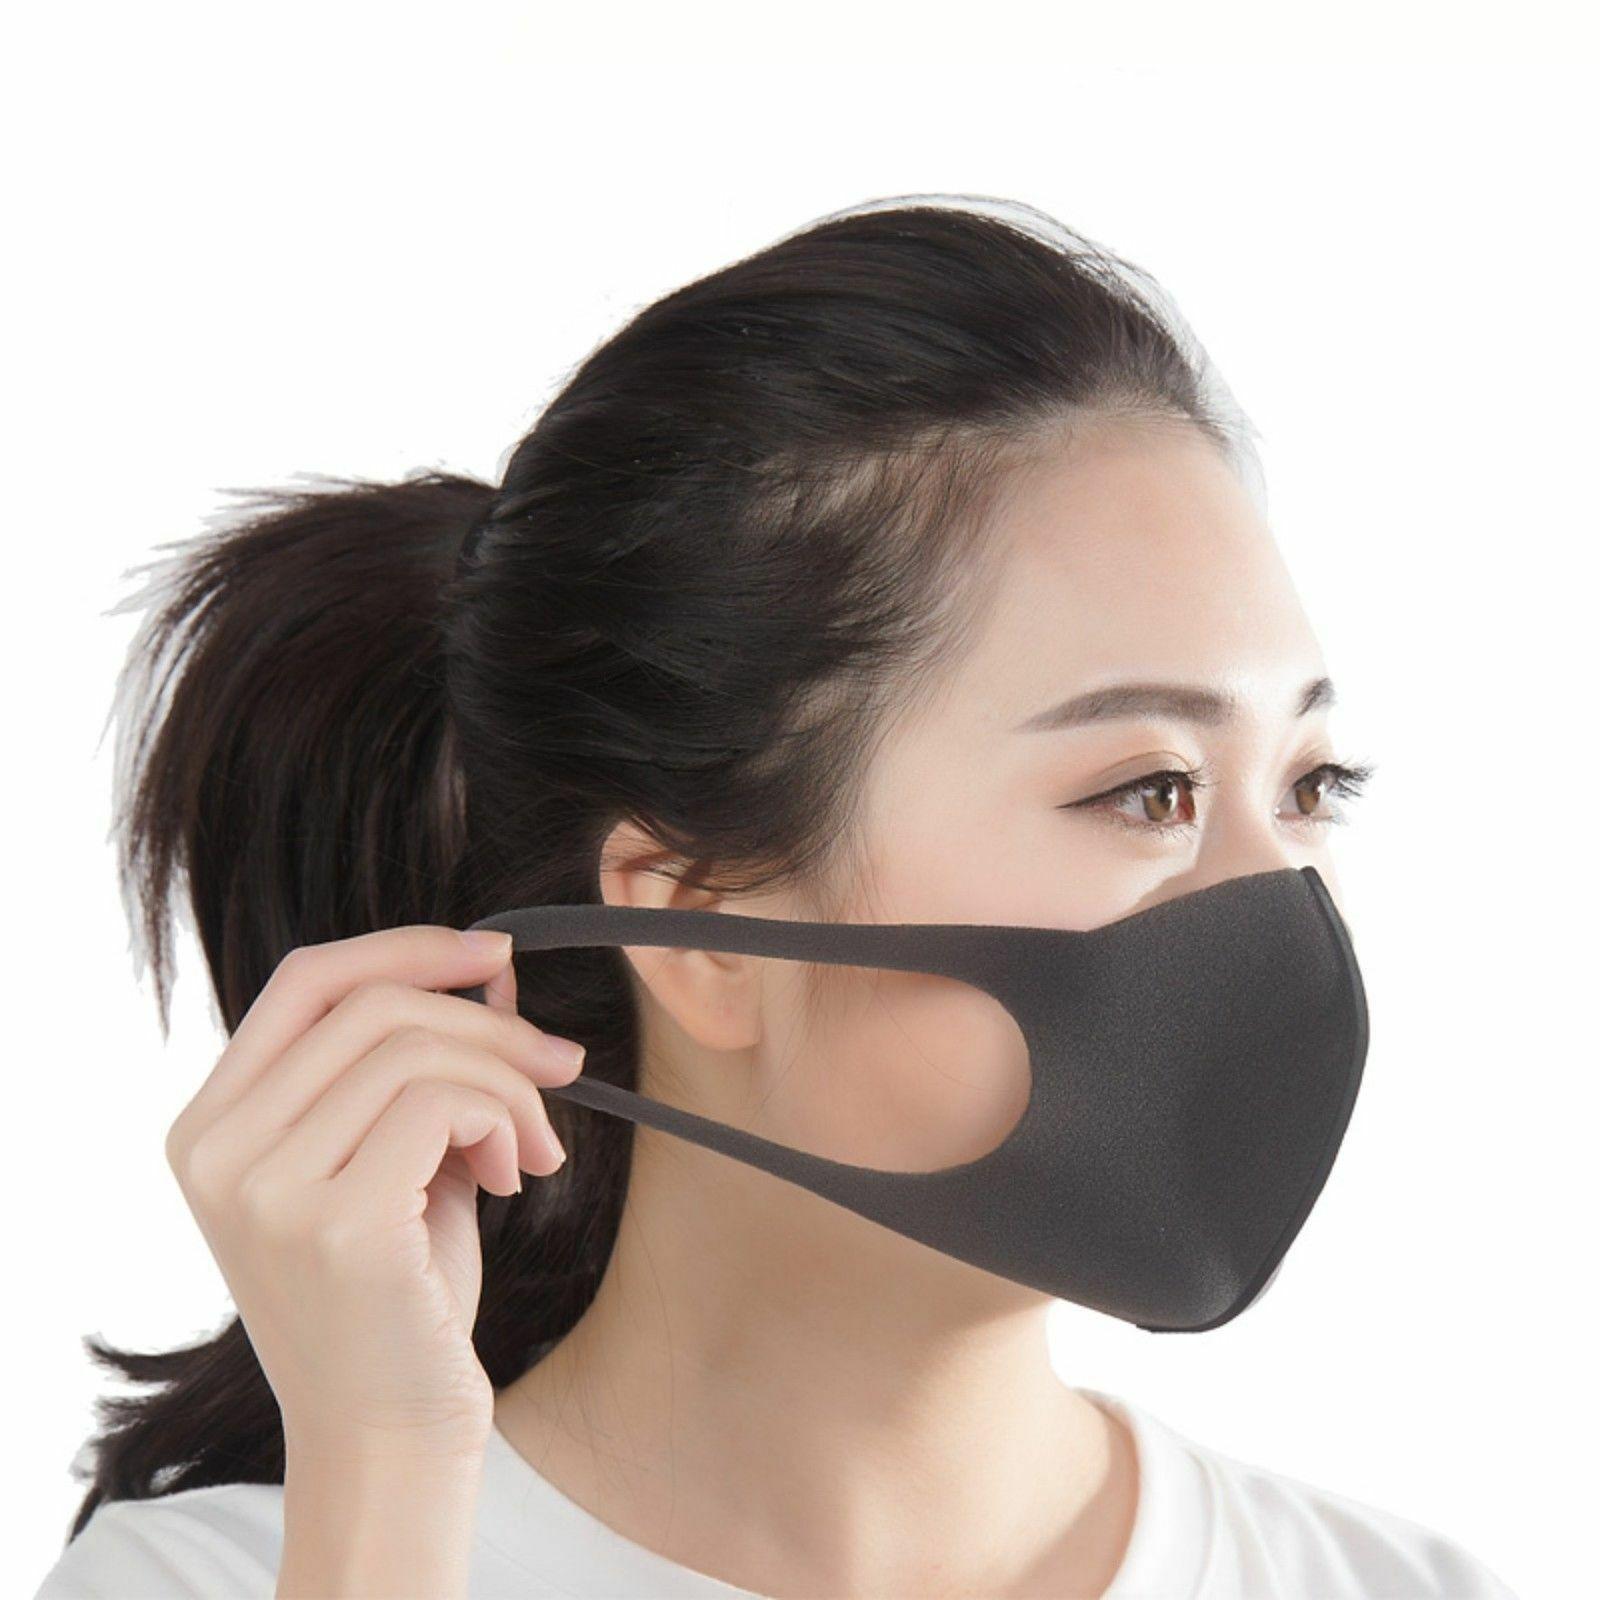 3 шт. обычный размер черная Питта маска темно-серый Япония анти-загрязнения/пыли маска для лица